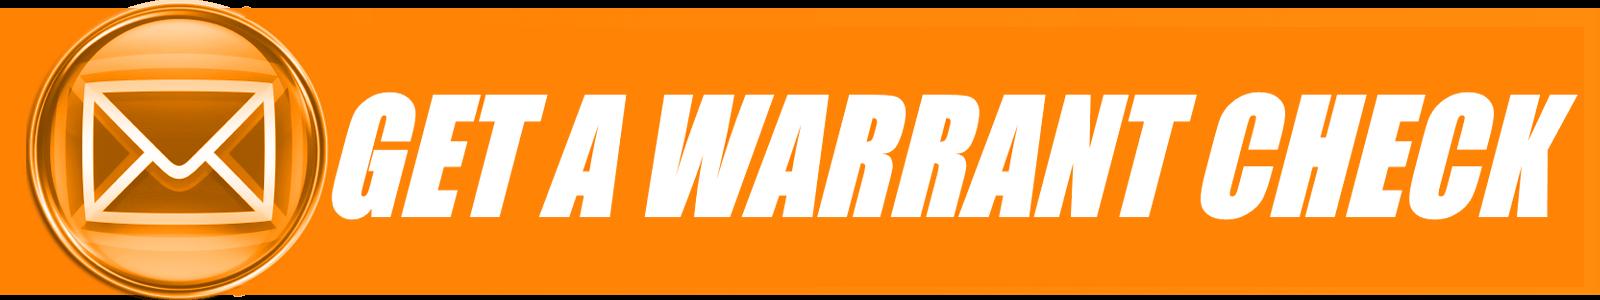 get a warrant check